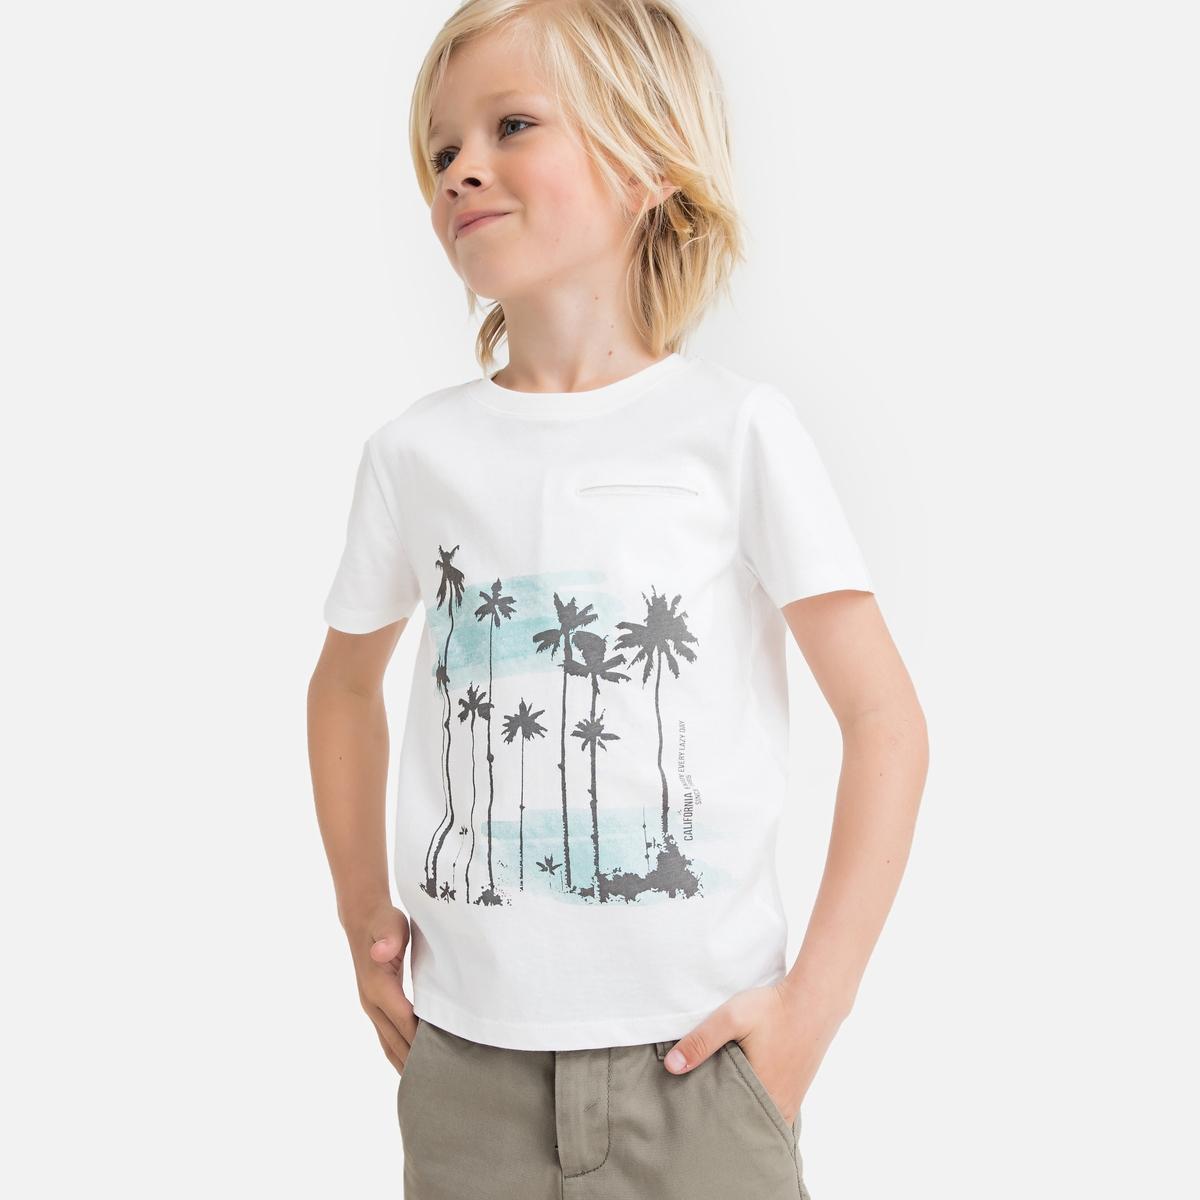 Футболка La Redoute С круглым вырезом и принтом пальмы 3 года - 94 см бежевый футболка la redoute с круглым вырезом и принтом спереди 3 года 94 см серый